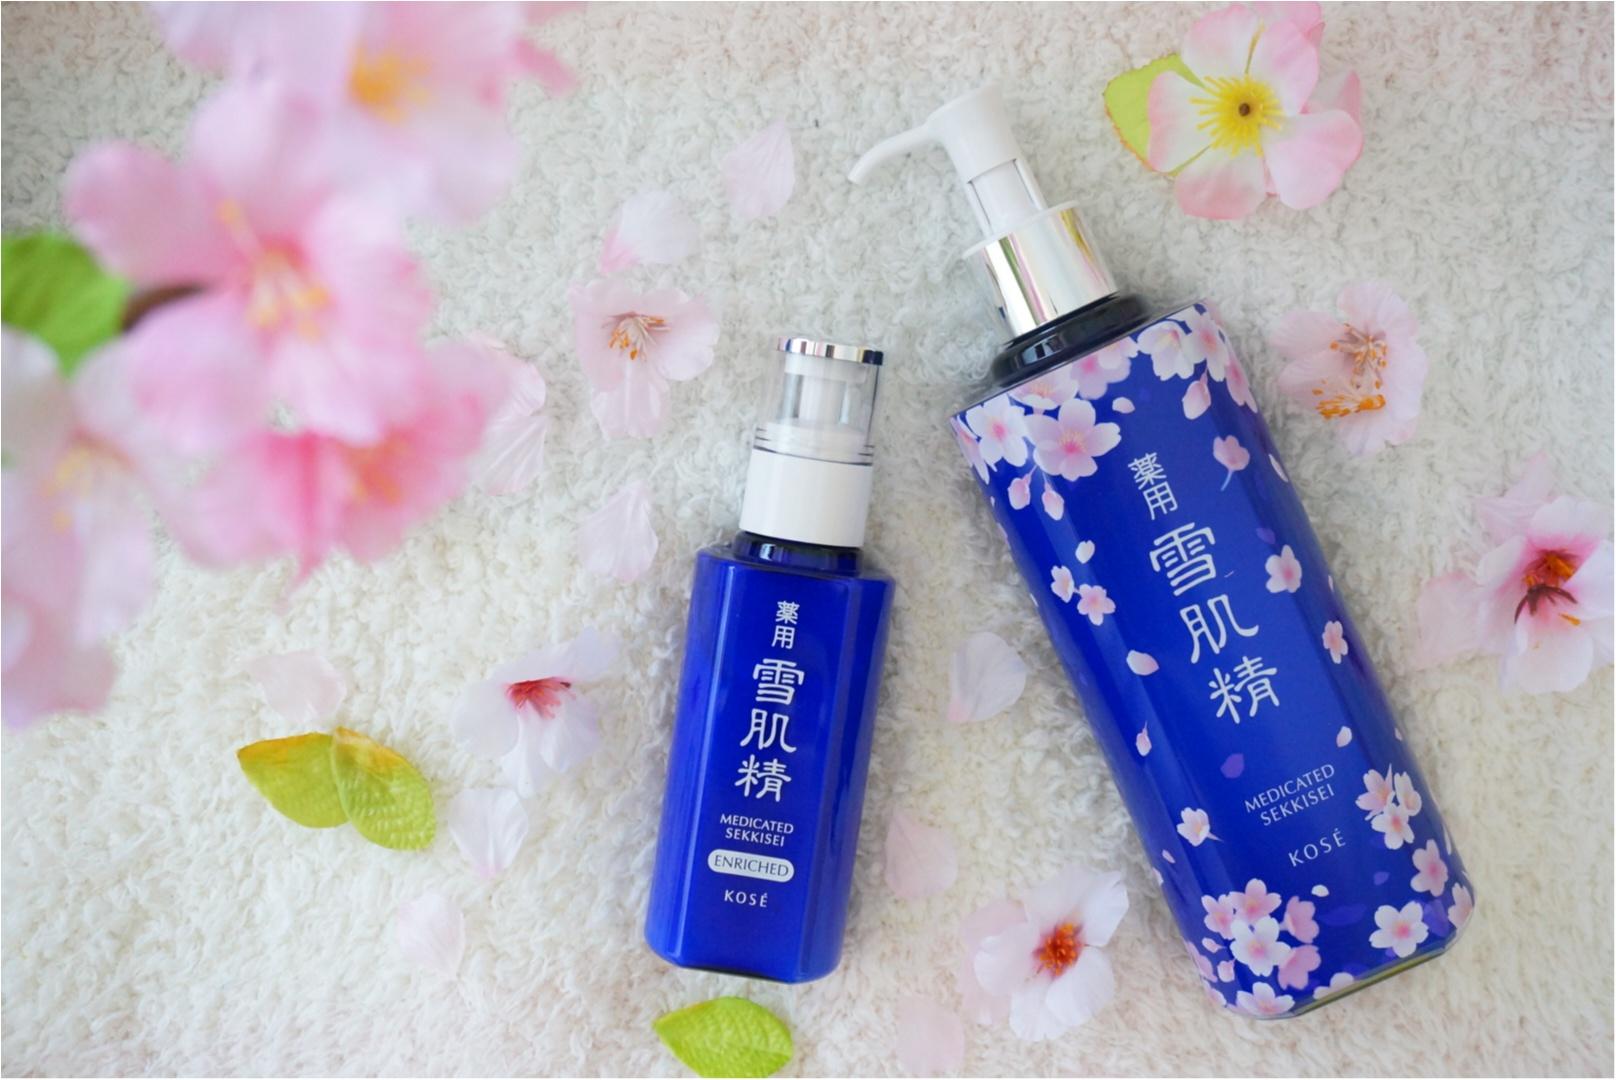 桜のパワーは美容にも◎❤️【資生堂ホワイトルーセント】は美白プラス〇〇にも効果的!_1